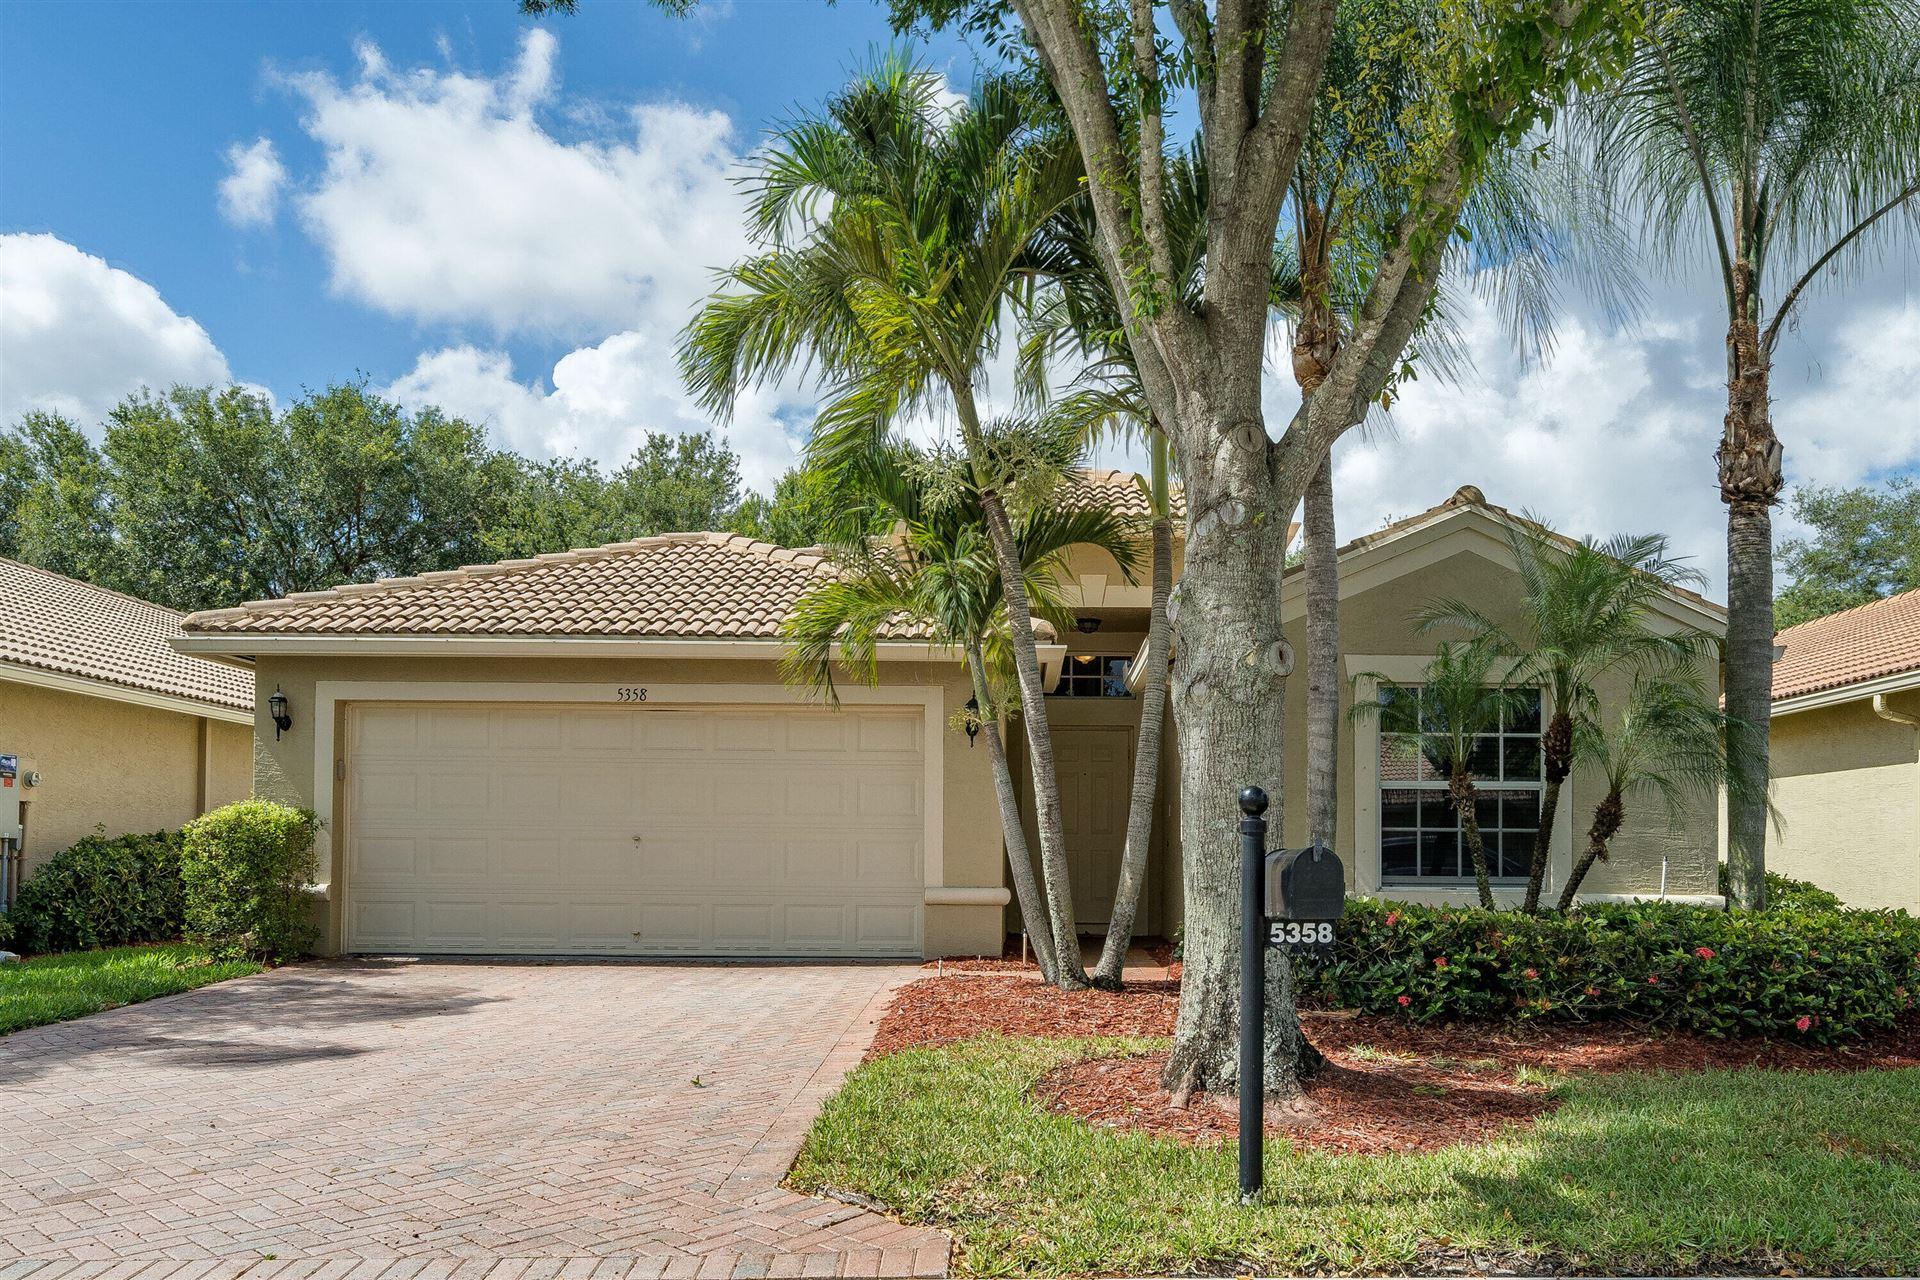 5358 Vernio Lane, Boynton Beach, FL 33437 - #: RX-10724818